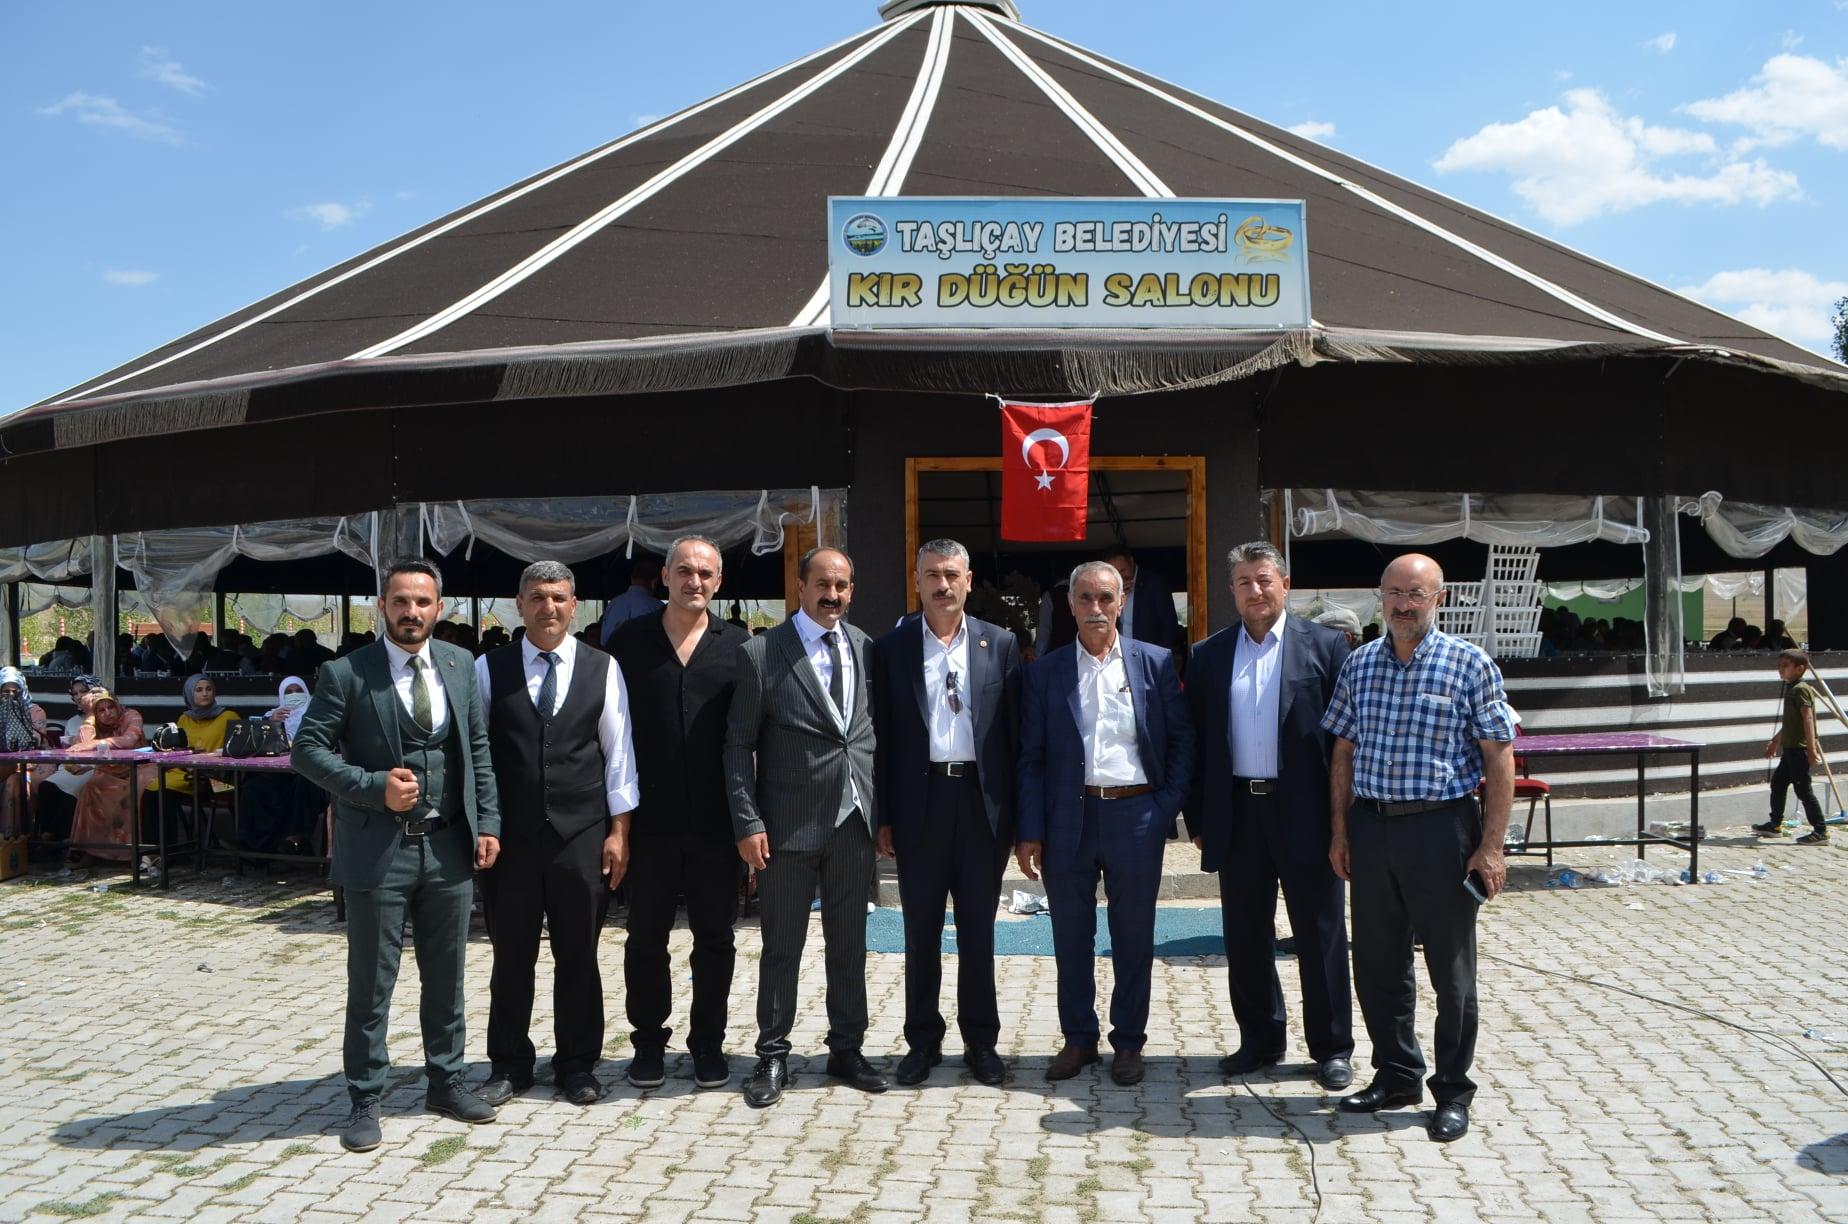 Bir Mehmetnuri Samancı ve Orhan Yazıcı dahil 8 kişi ve ayakta duran insanlar görseli olabilir